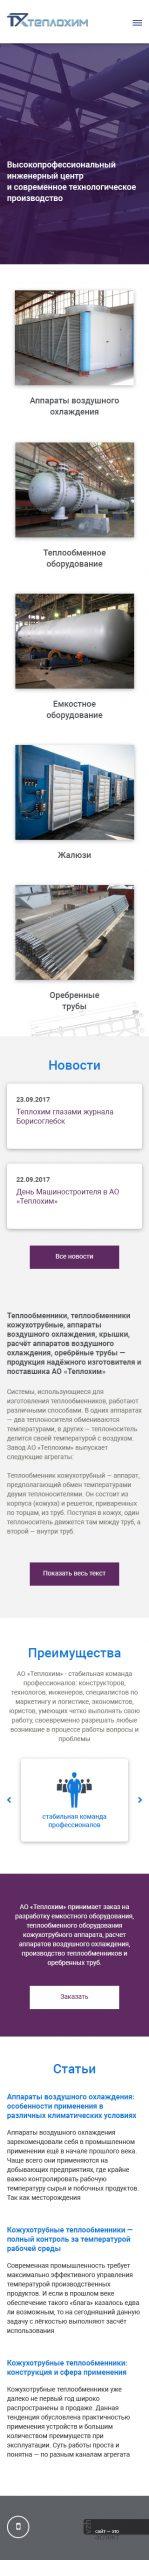 примеры сайтов производства Теплохим 320 px